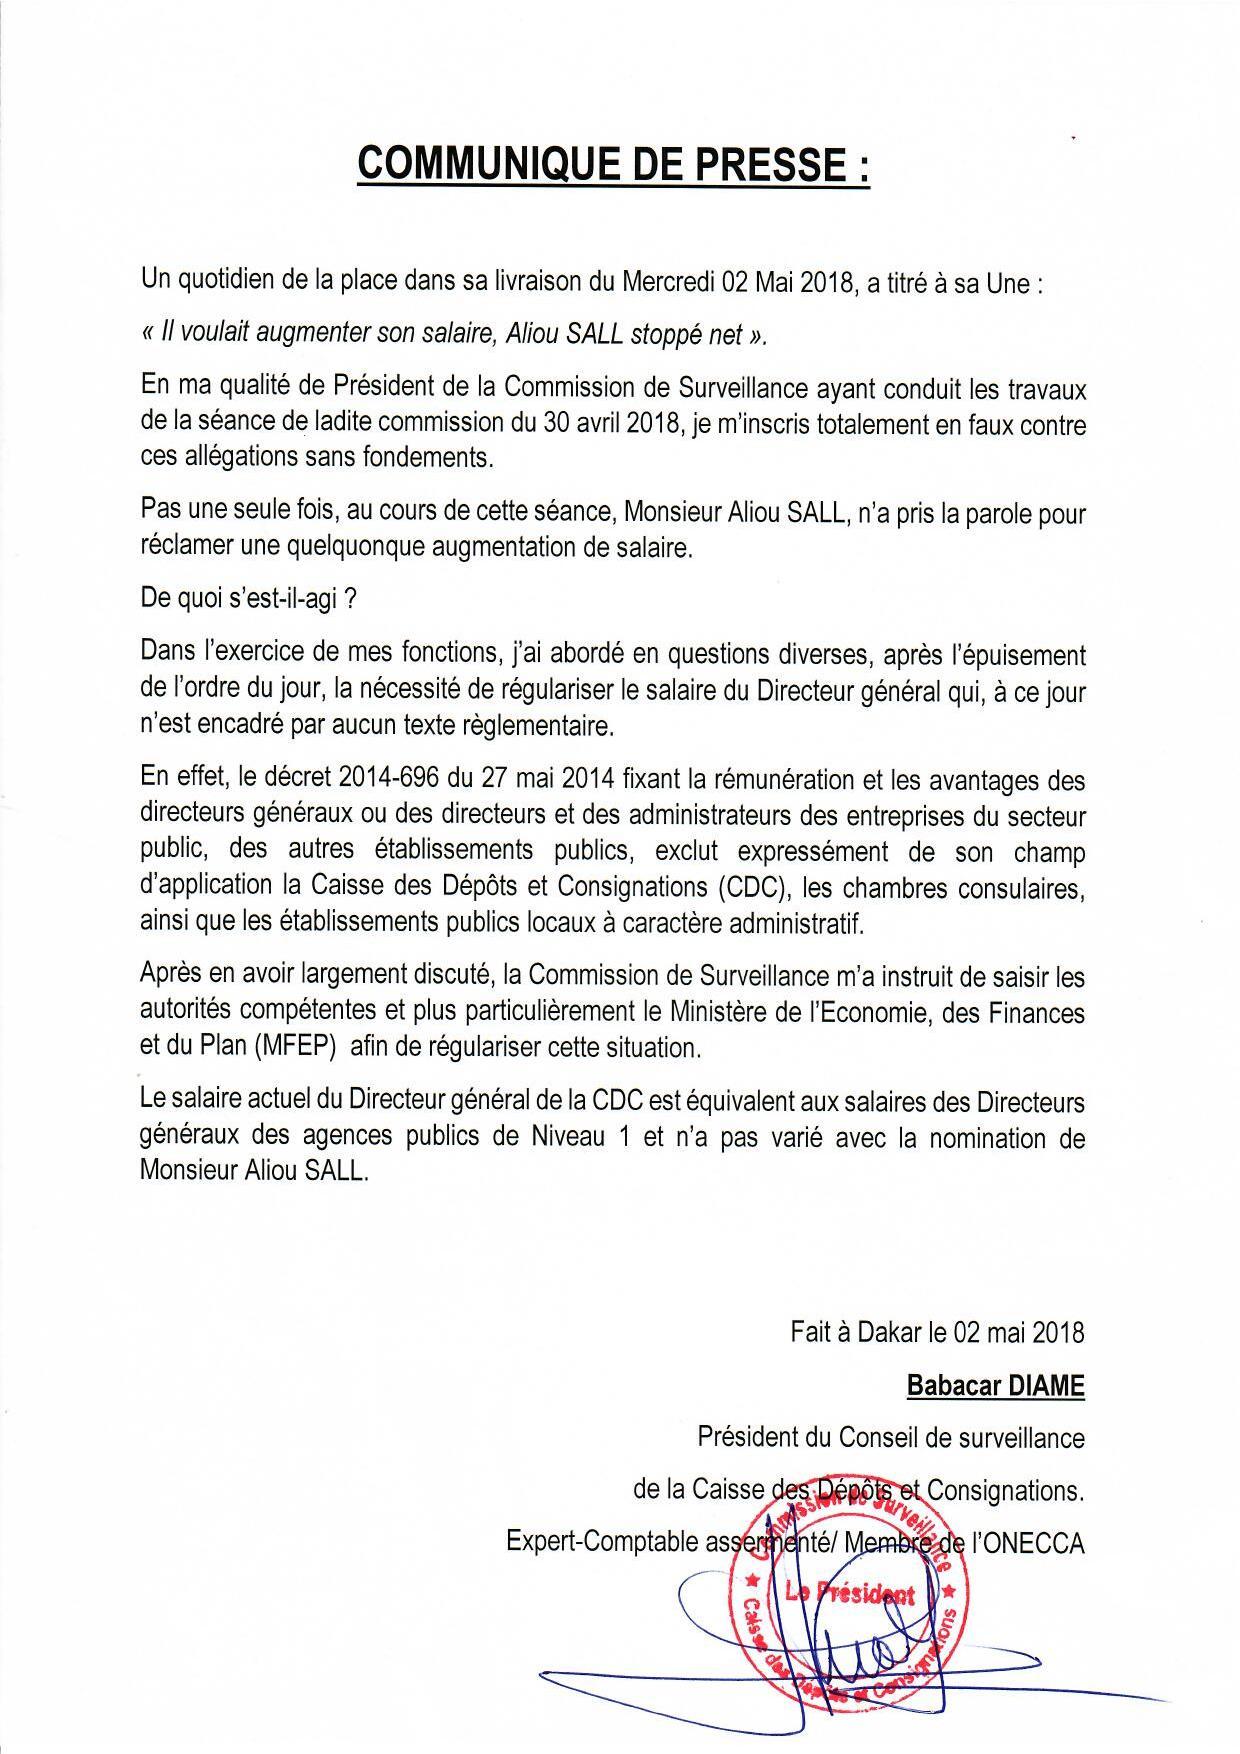 Intox sur le salaire d'Aliou Sall : les précisions de Babacar Diamé, le Président du Conseil de surveillance de la Caisse et Dépôt et Consignations